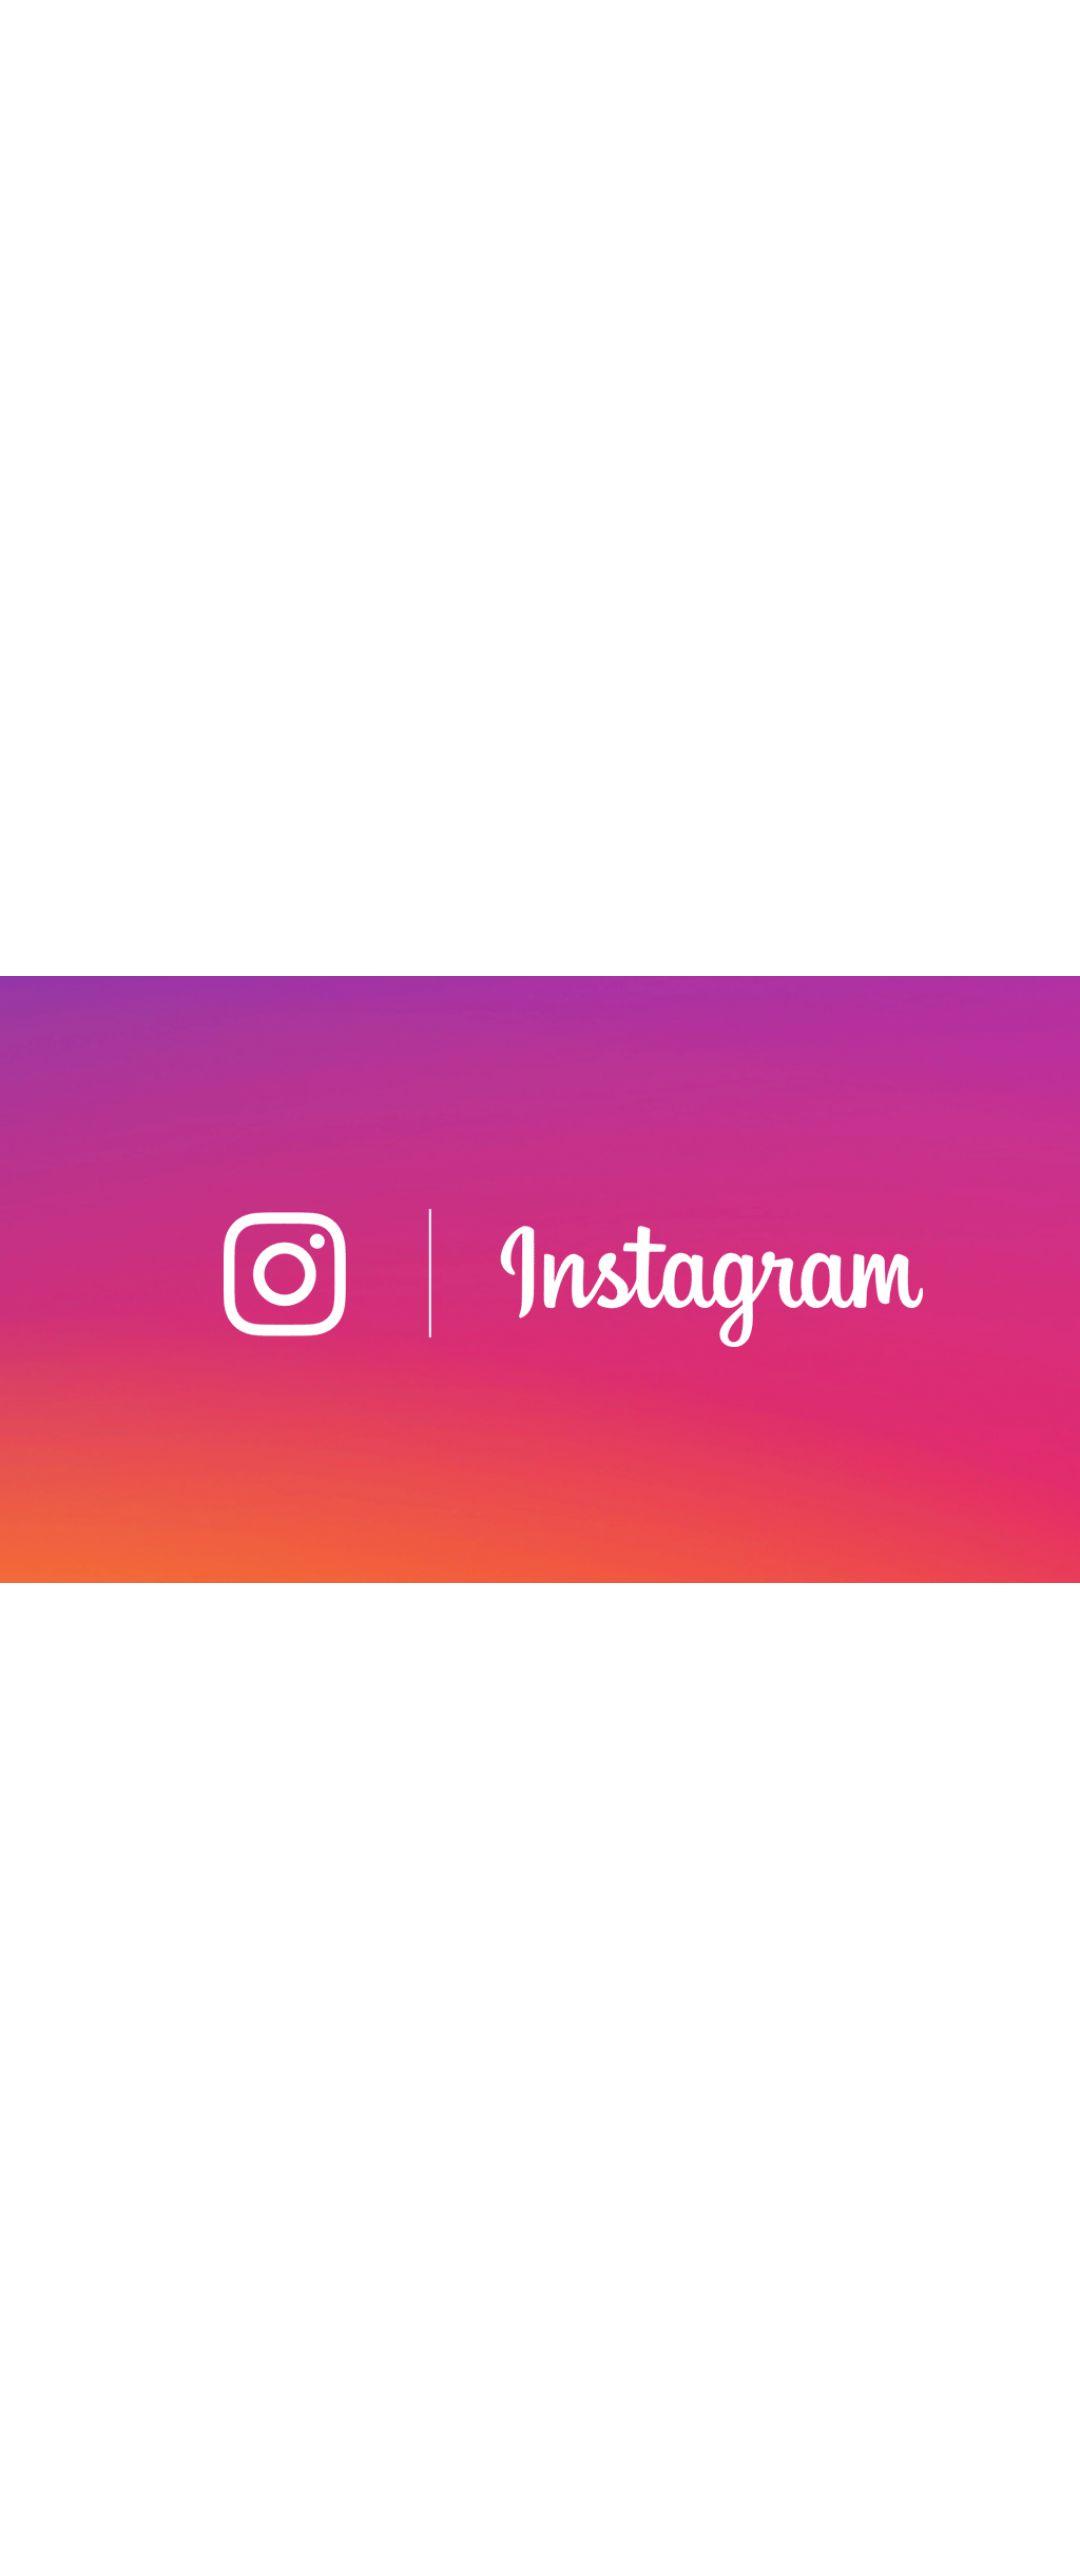 Instagram ahora convierte tus fotos en stickers